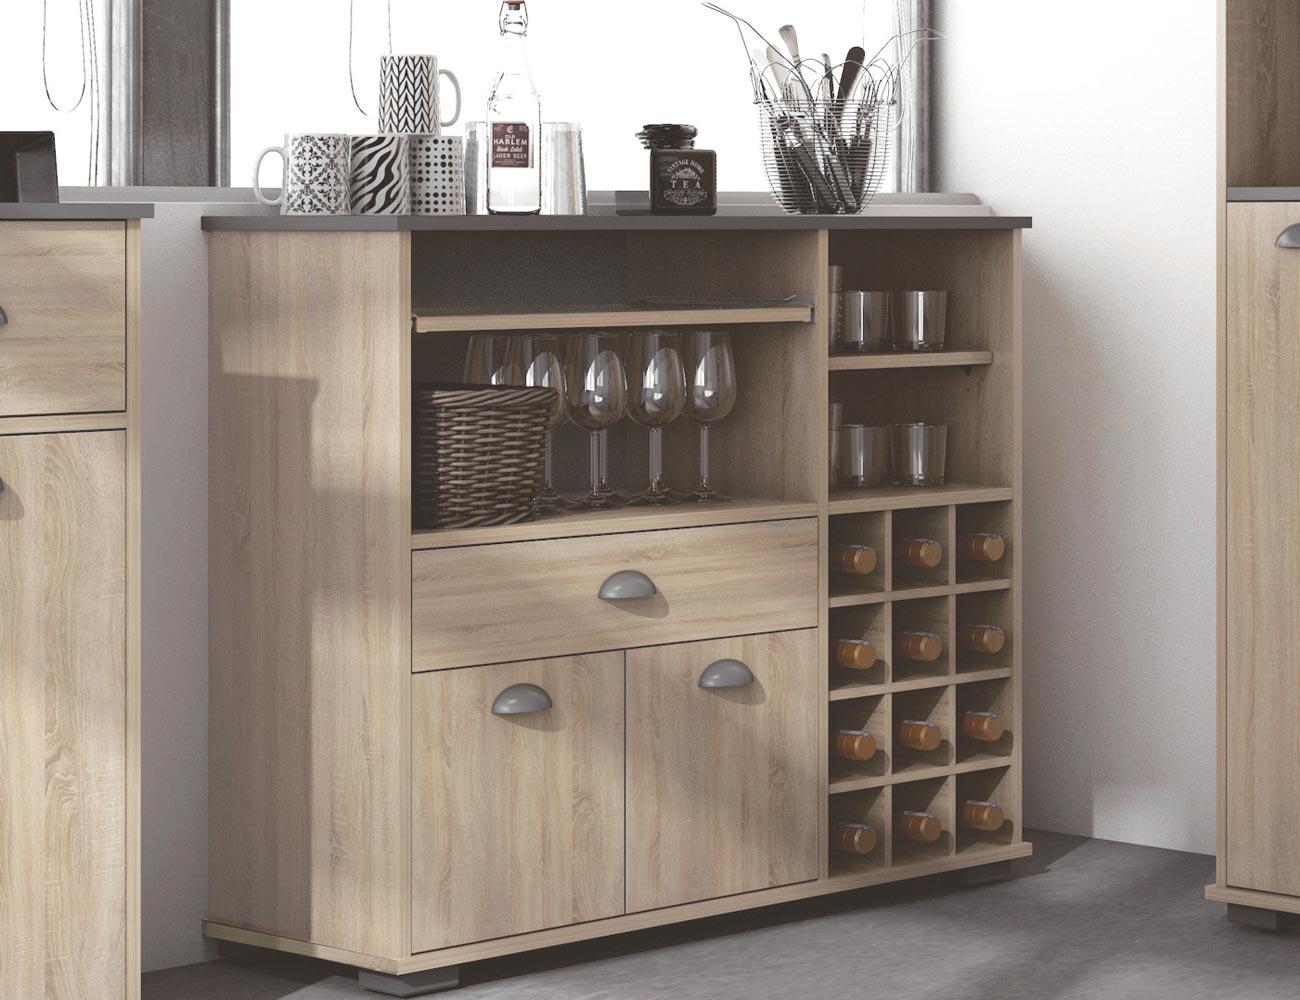 Mueble buffet botellero de cocina con dos puertas y un for Mueble botellero ikea